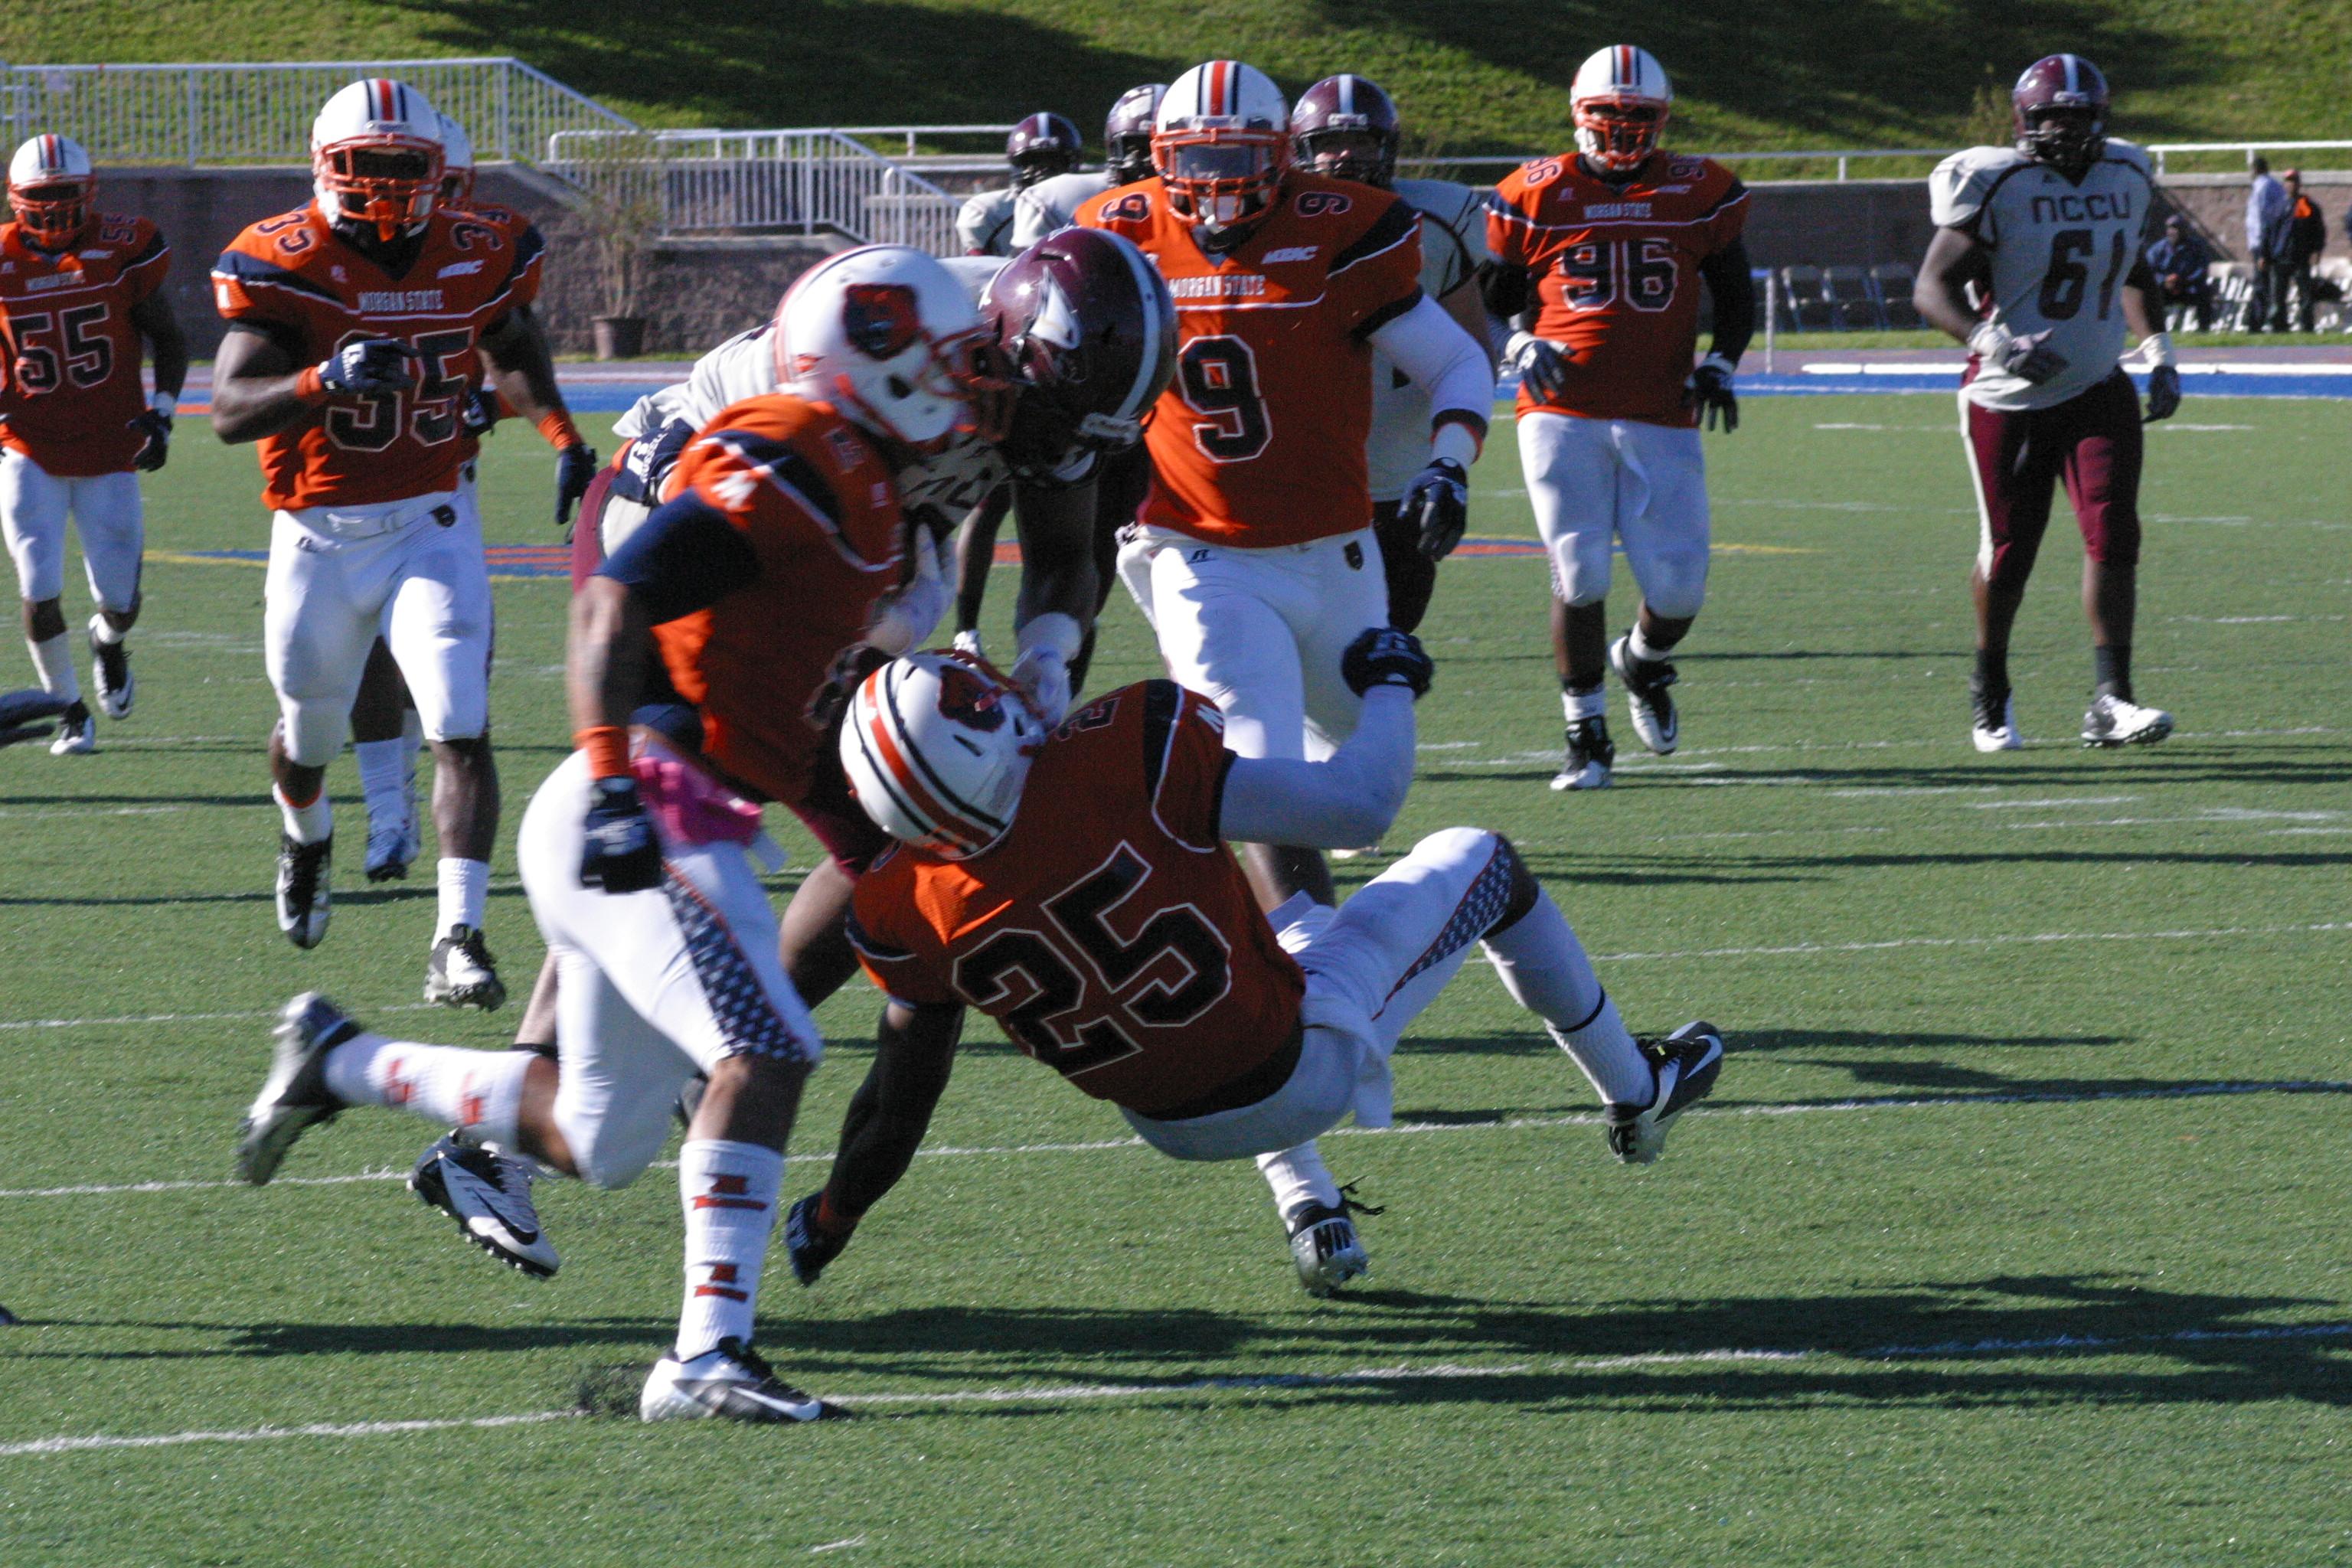 NCCU vs. Morgan, 10/13/2012